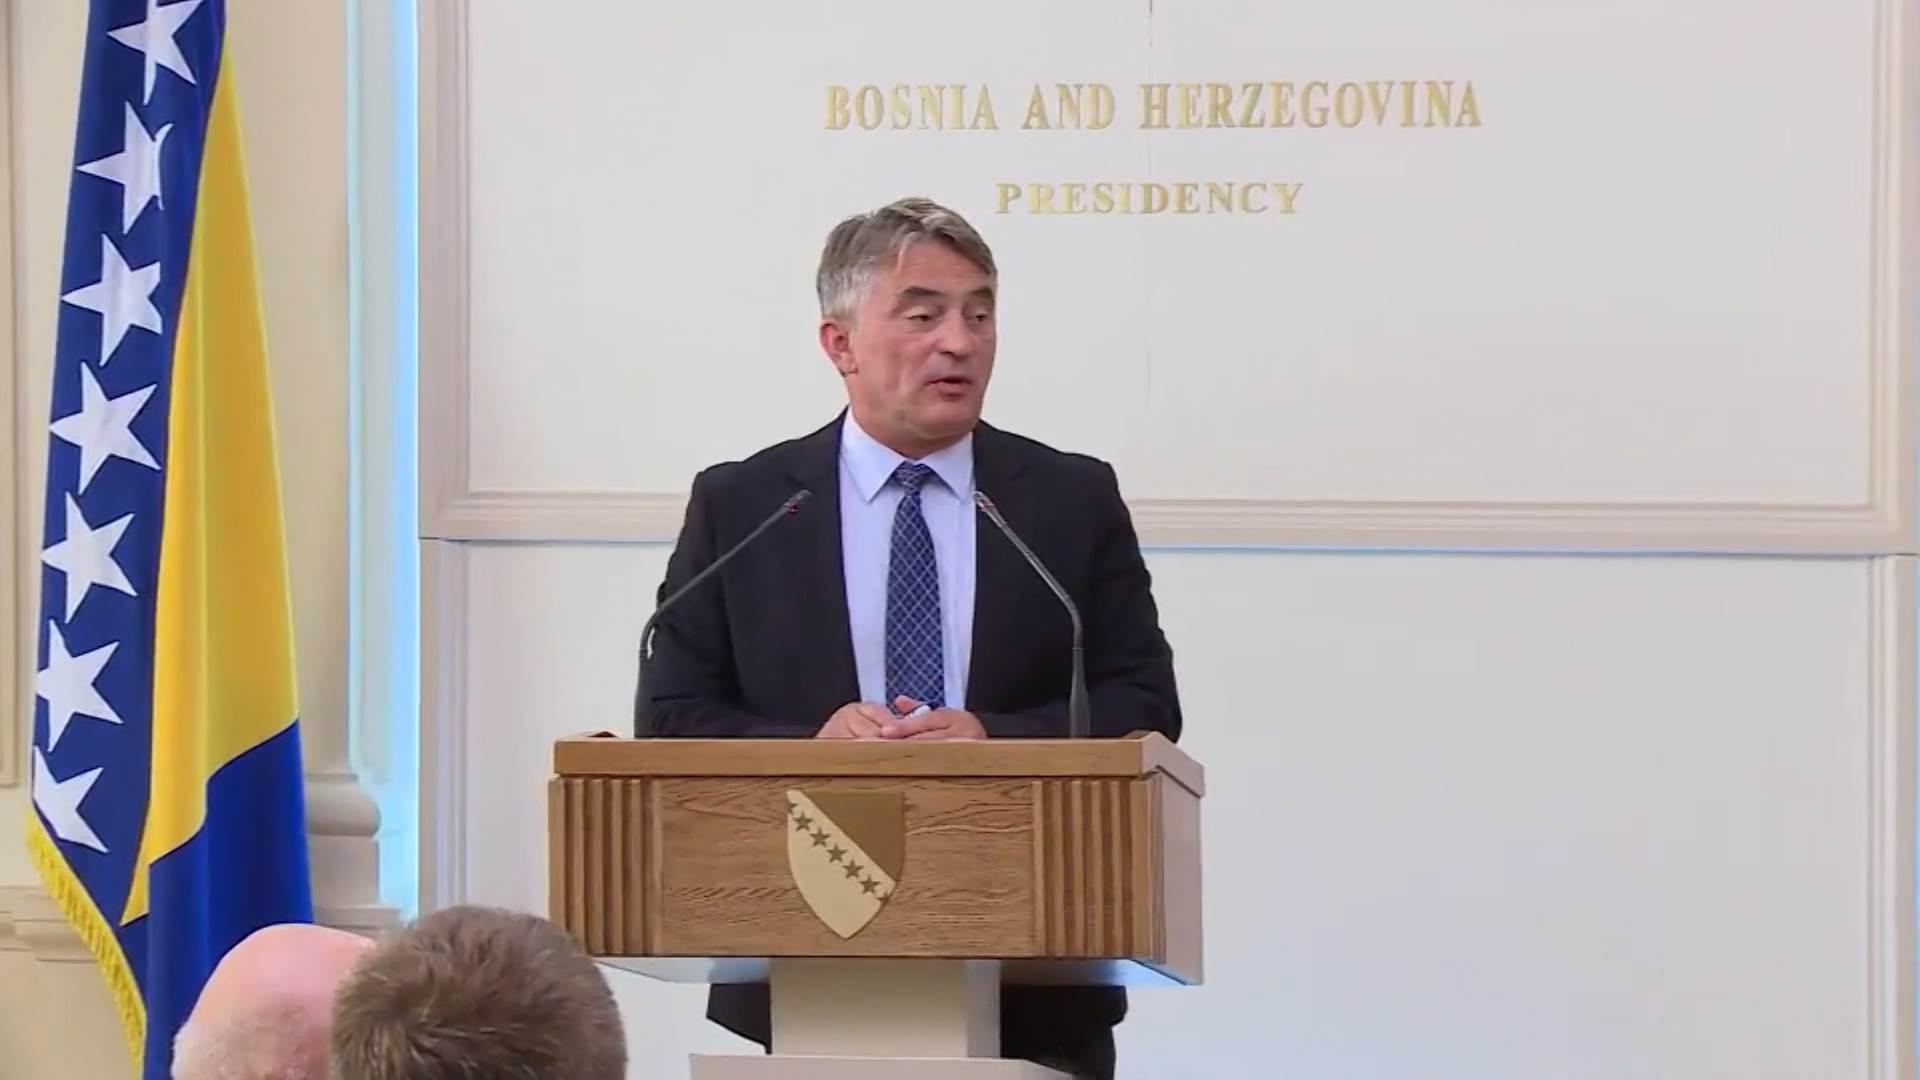 BiH : Zakon o javnim nabavkama BiH se mora uskladiti s evropskim standardima, kaže Komšić